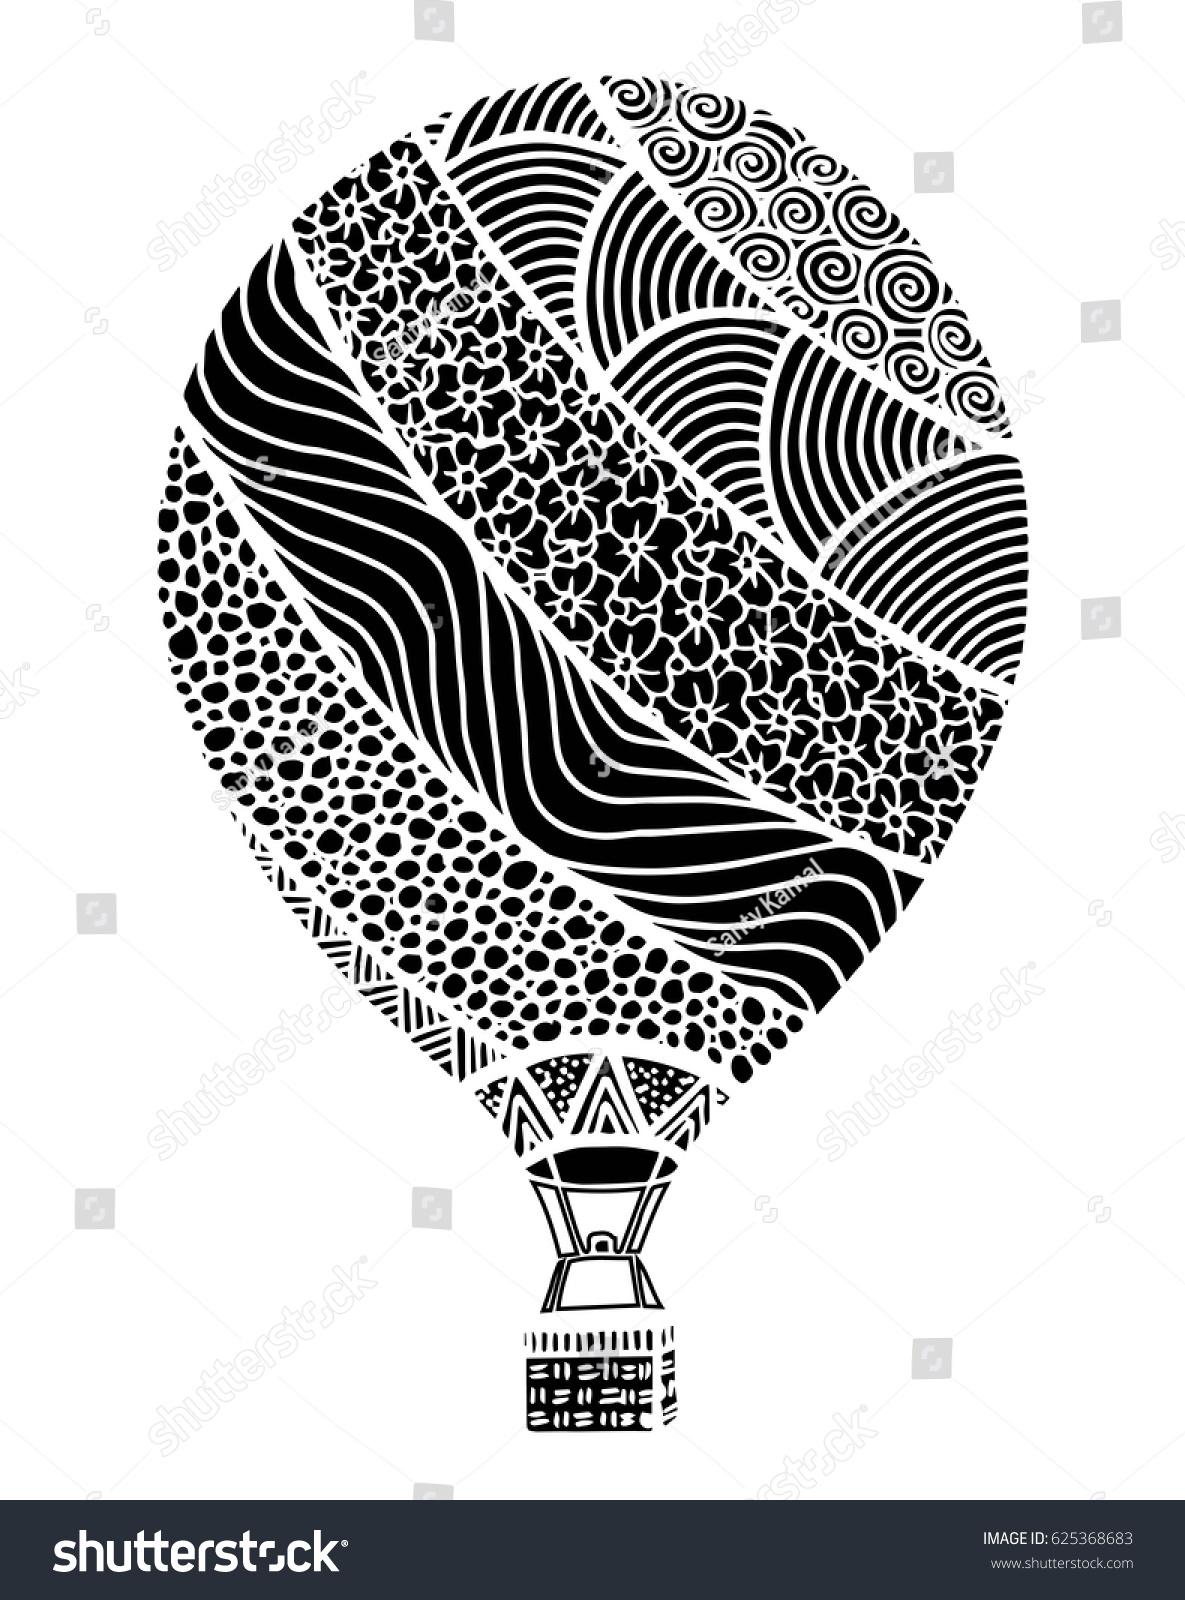 Hot Air Balloon Vector Zentangle Doodle Stock Vector 625368683 ...